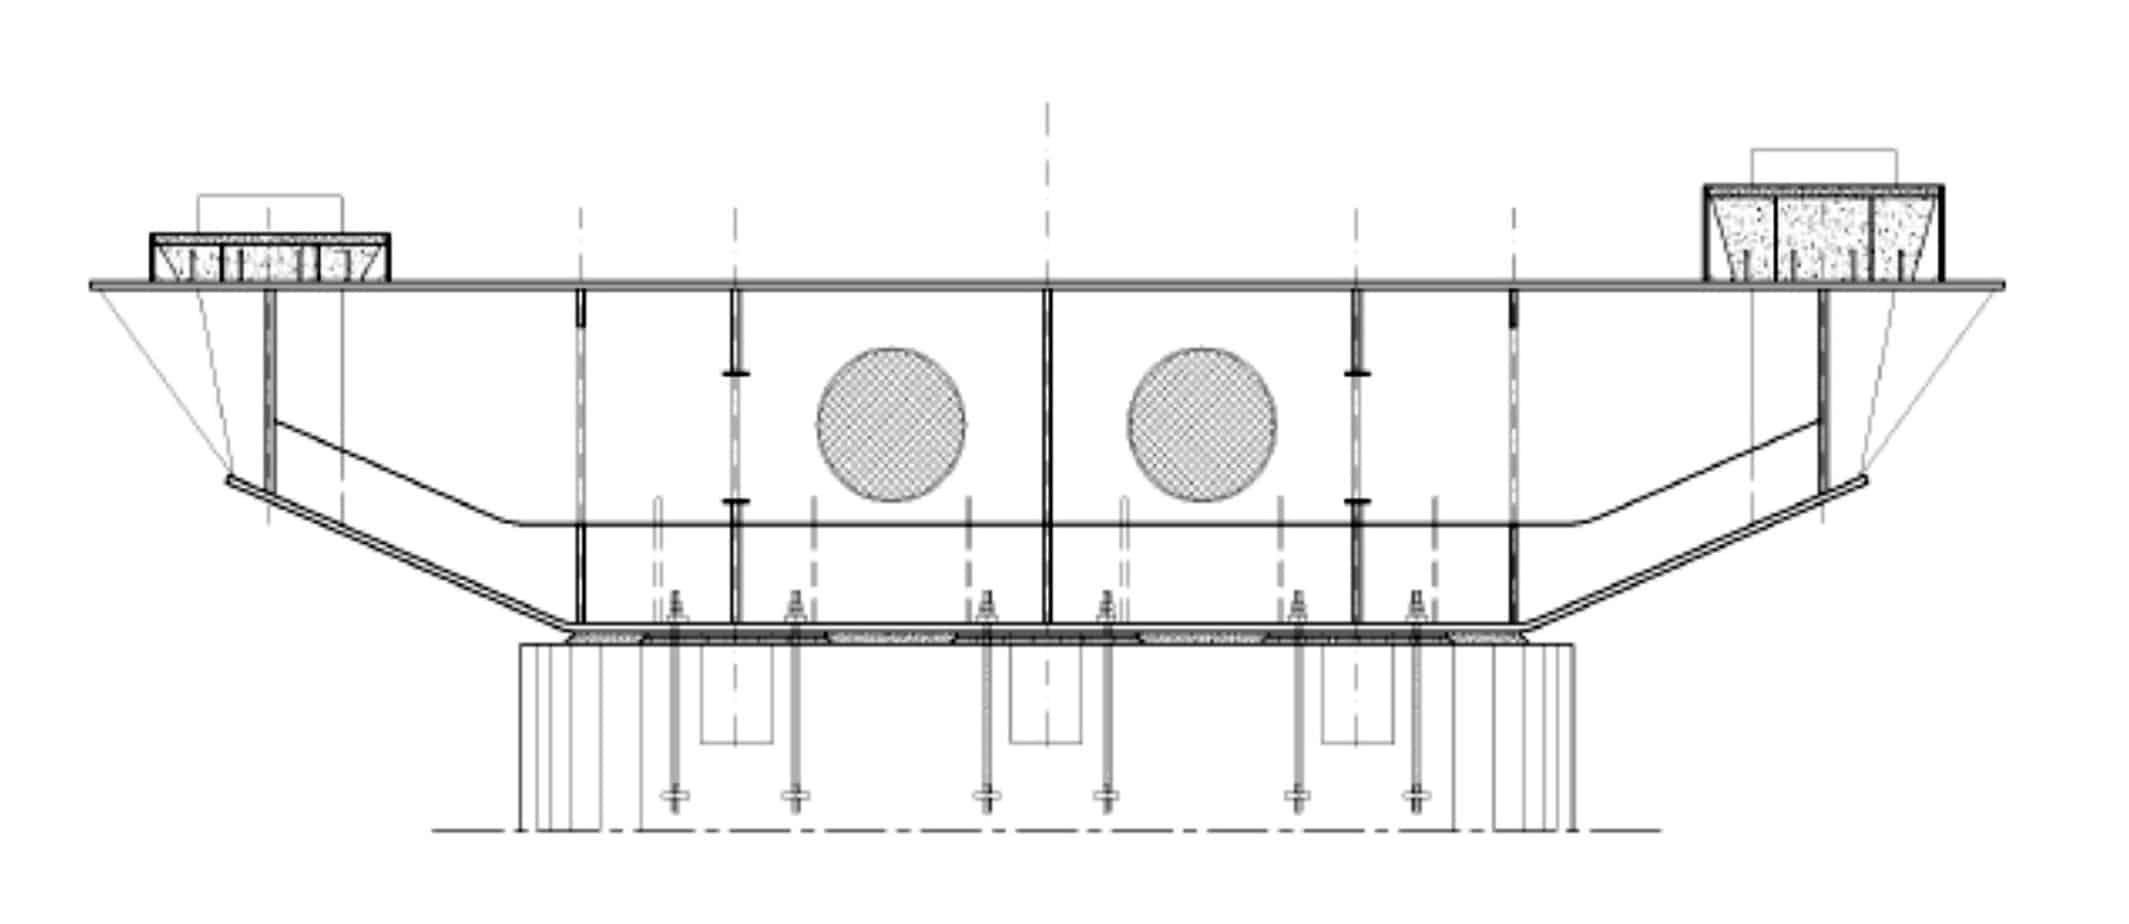 La sezione longitudinale del pulvino